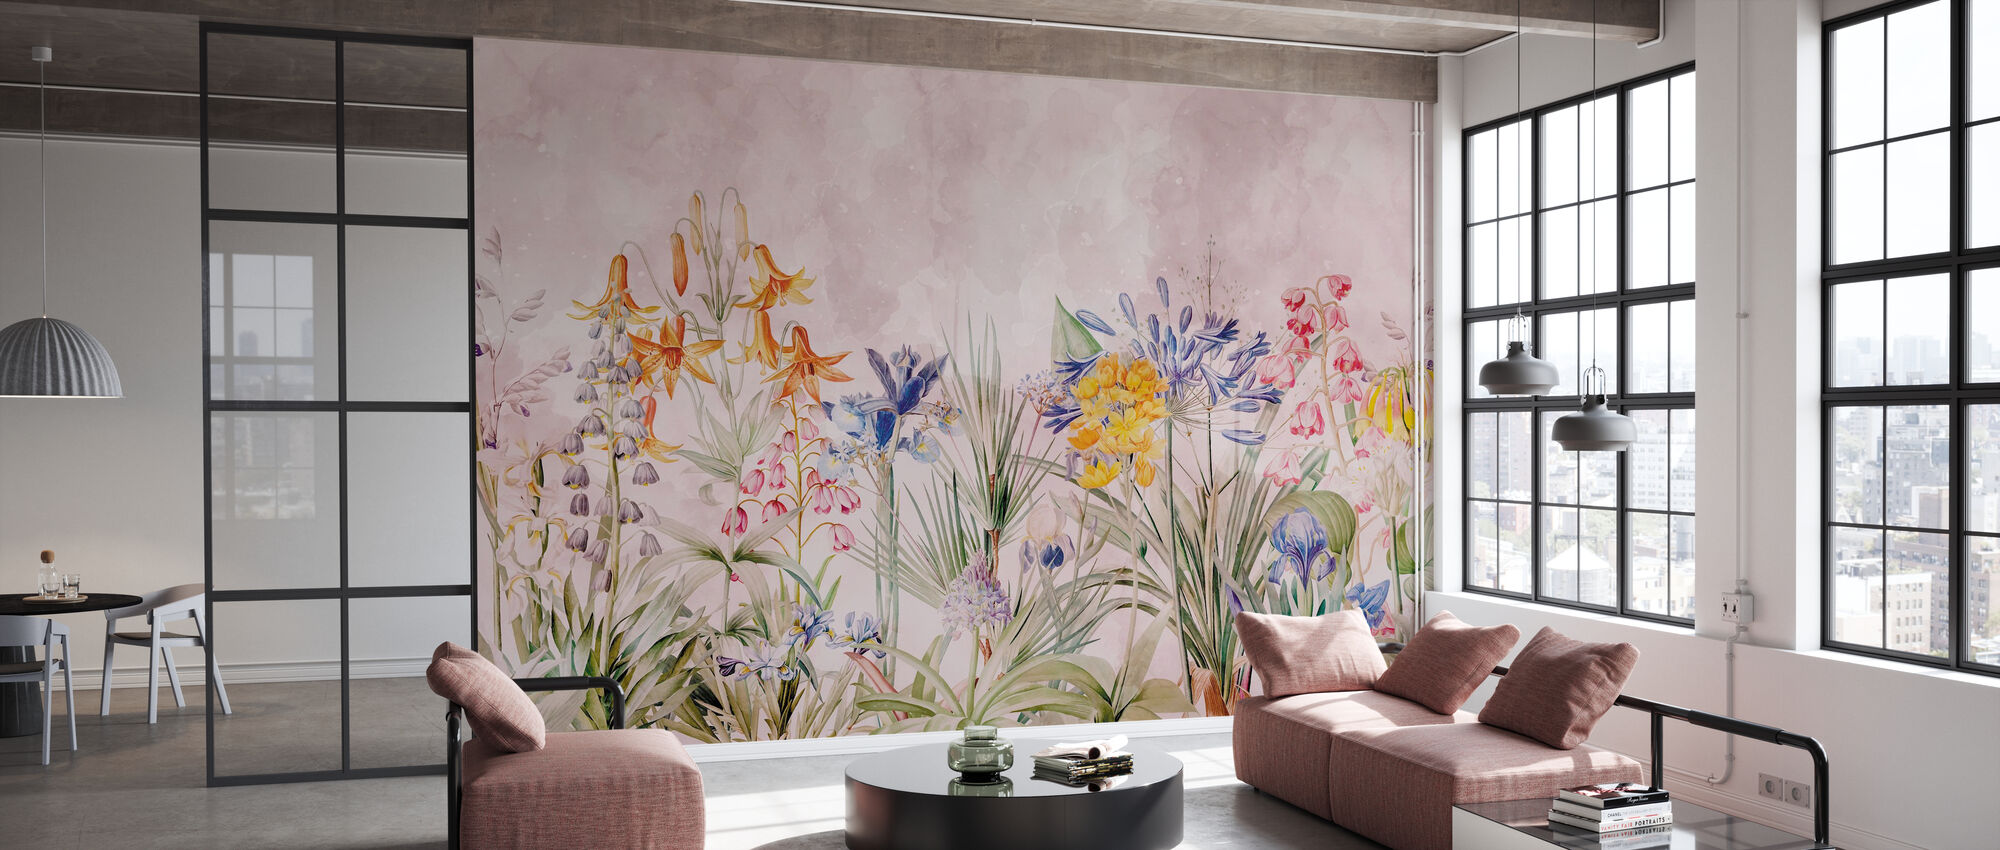 Wild Flowers - Wallpaper - Office